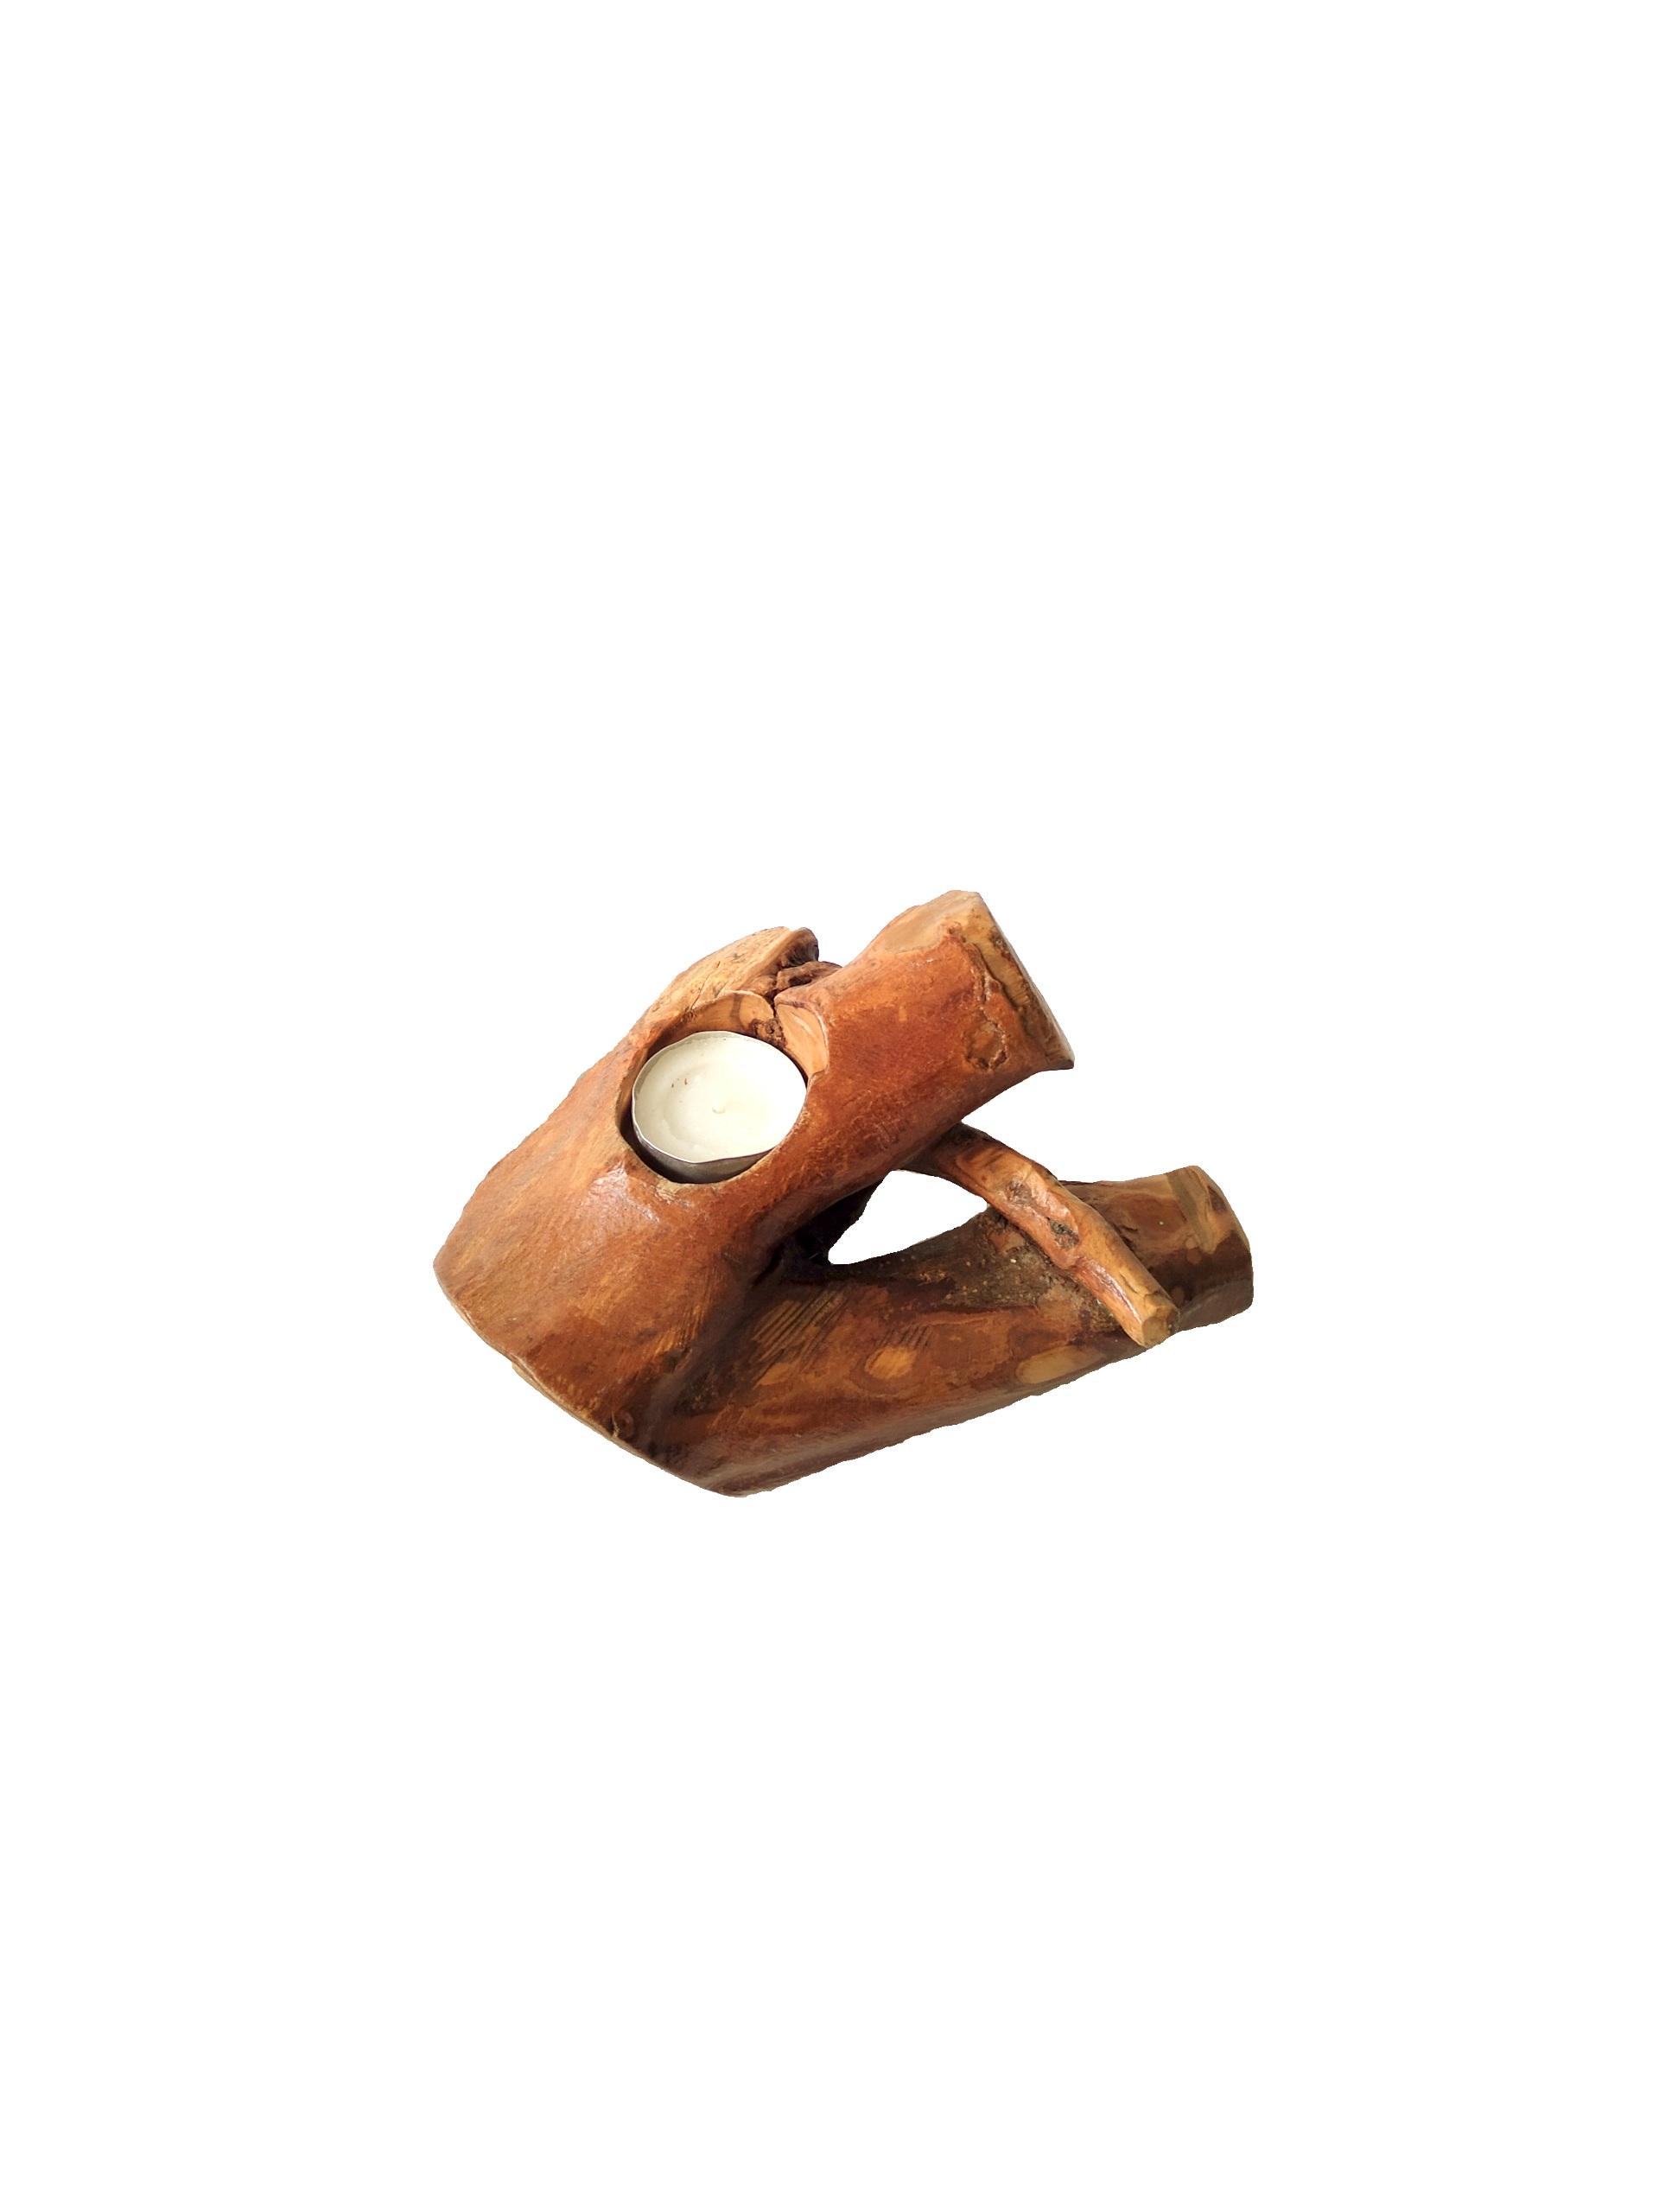 Βάση για ρεσό από ξύλο ελιάς CAN10